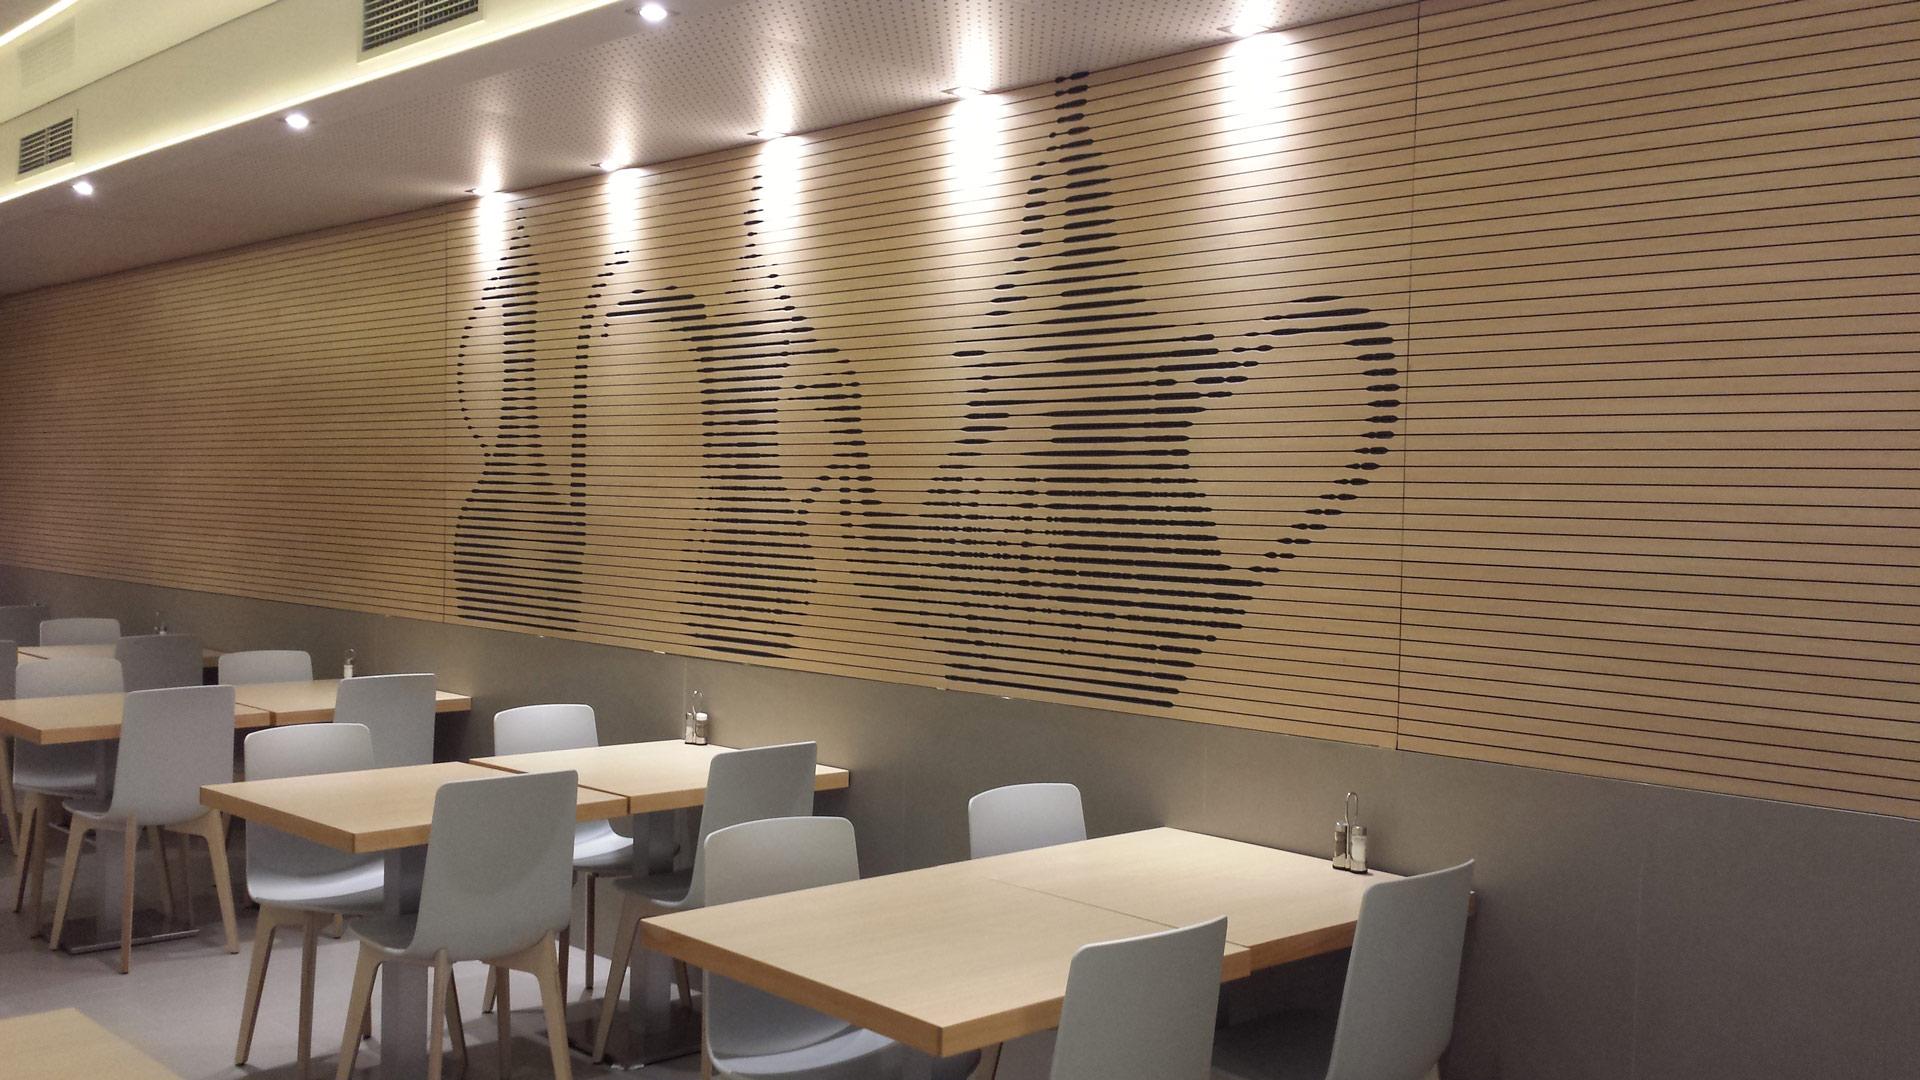 Decustik-D-pannelli-fonoassorbenti-decorativi-legno